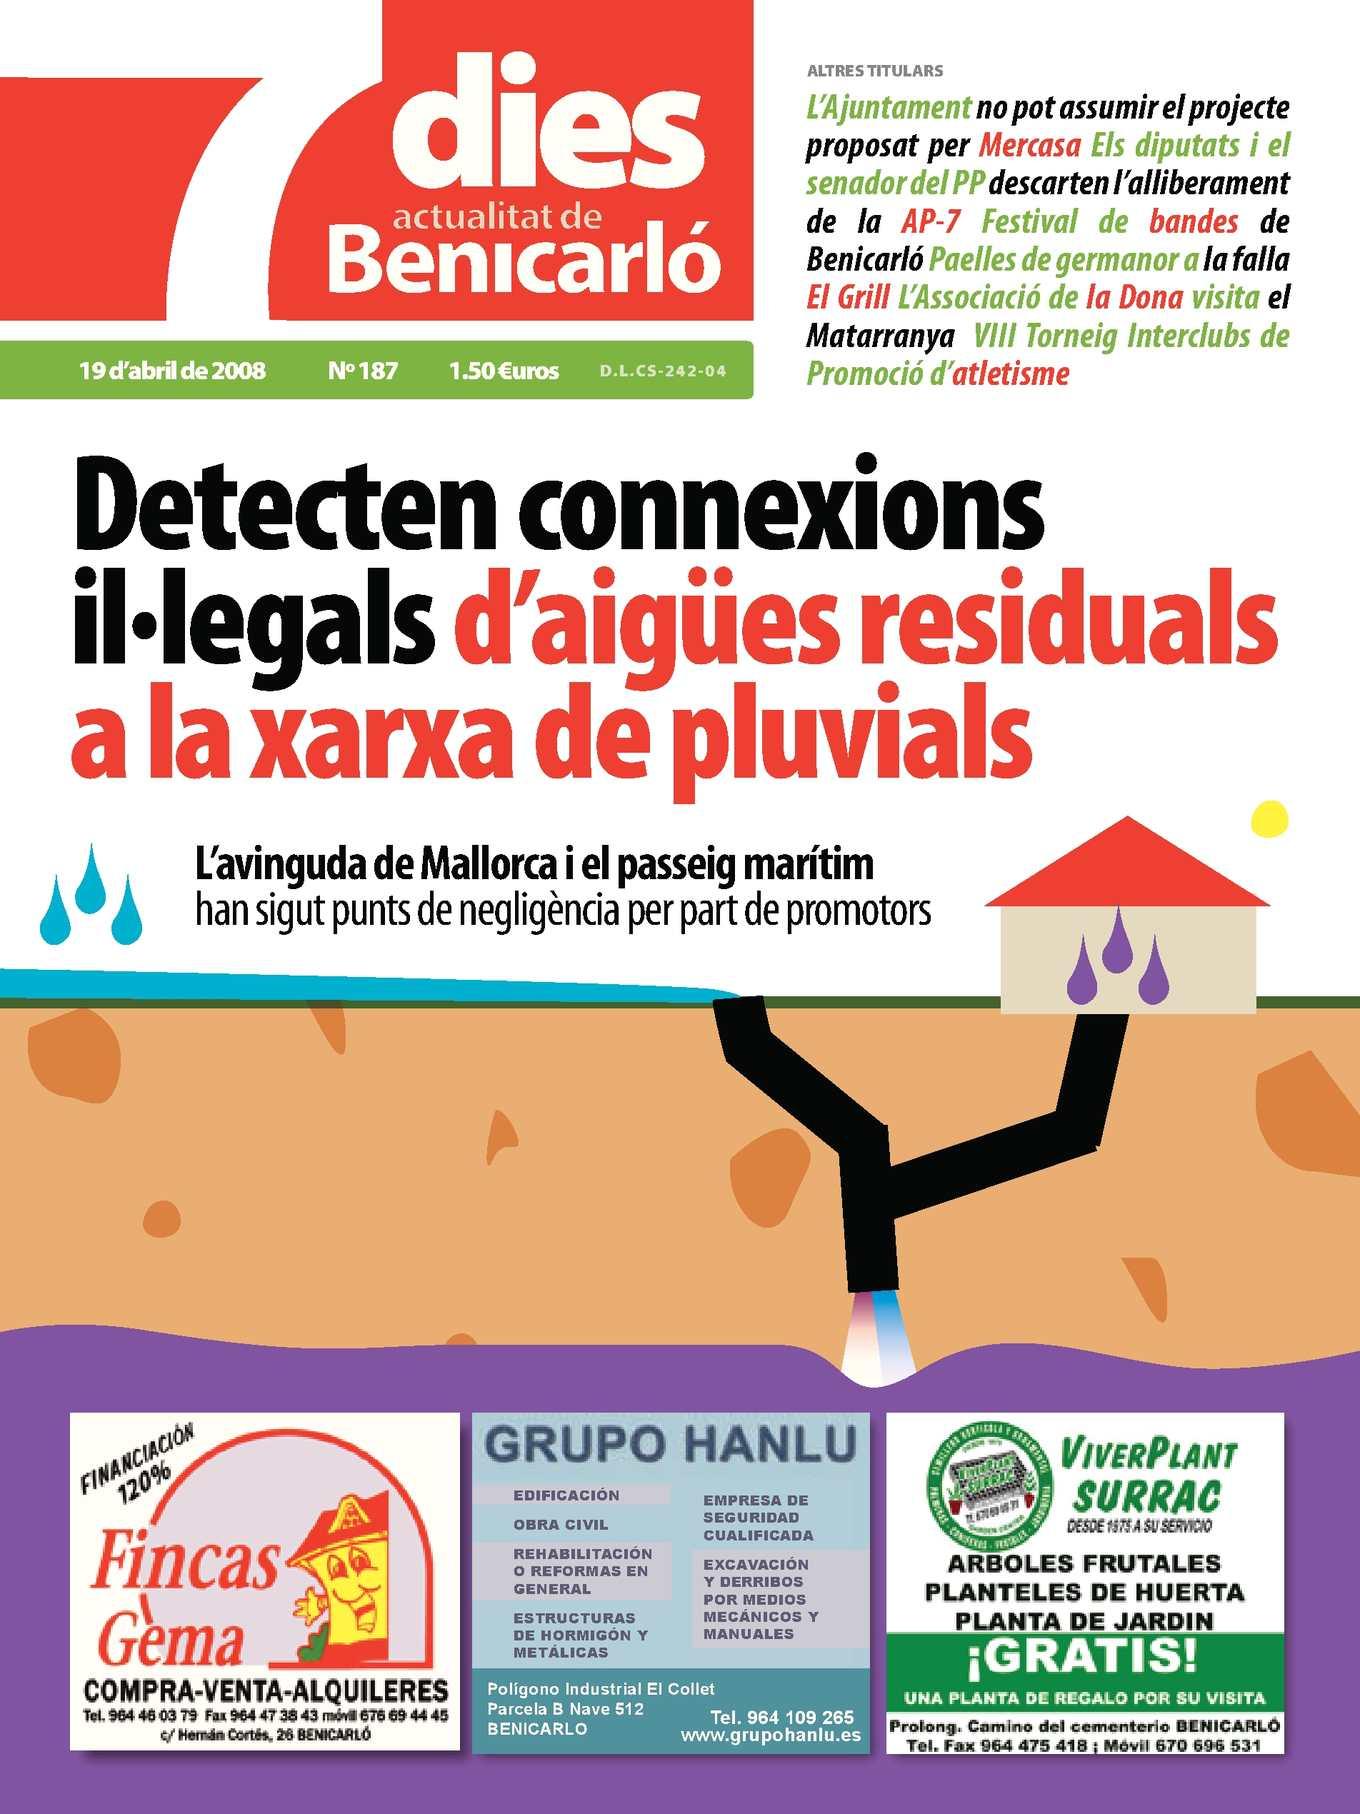 Año Tema Responsible Andorra EspaÑola 2008 Sociedad Andorrana De Ciencias.